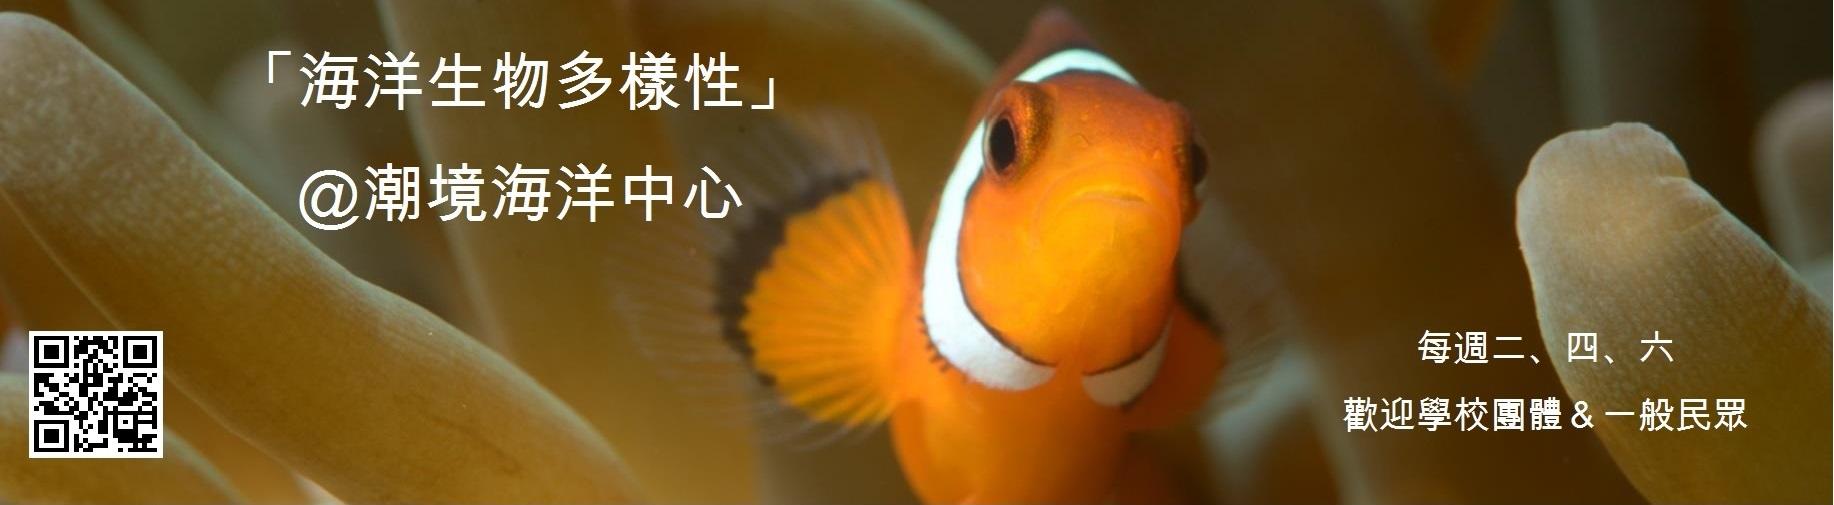 開新視窗,海洋生物多樣性